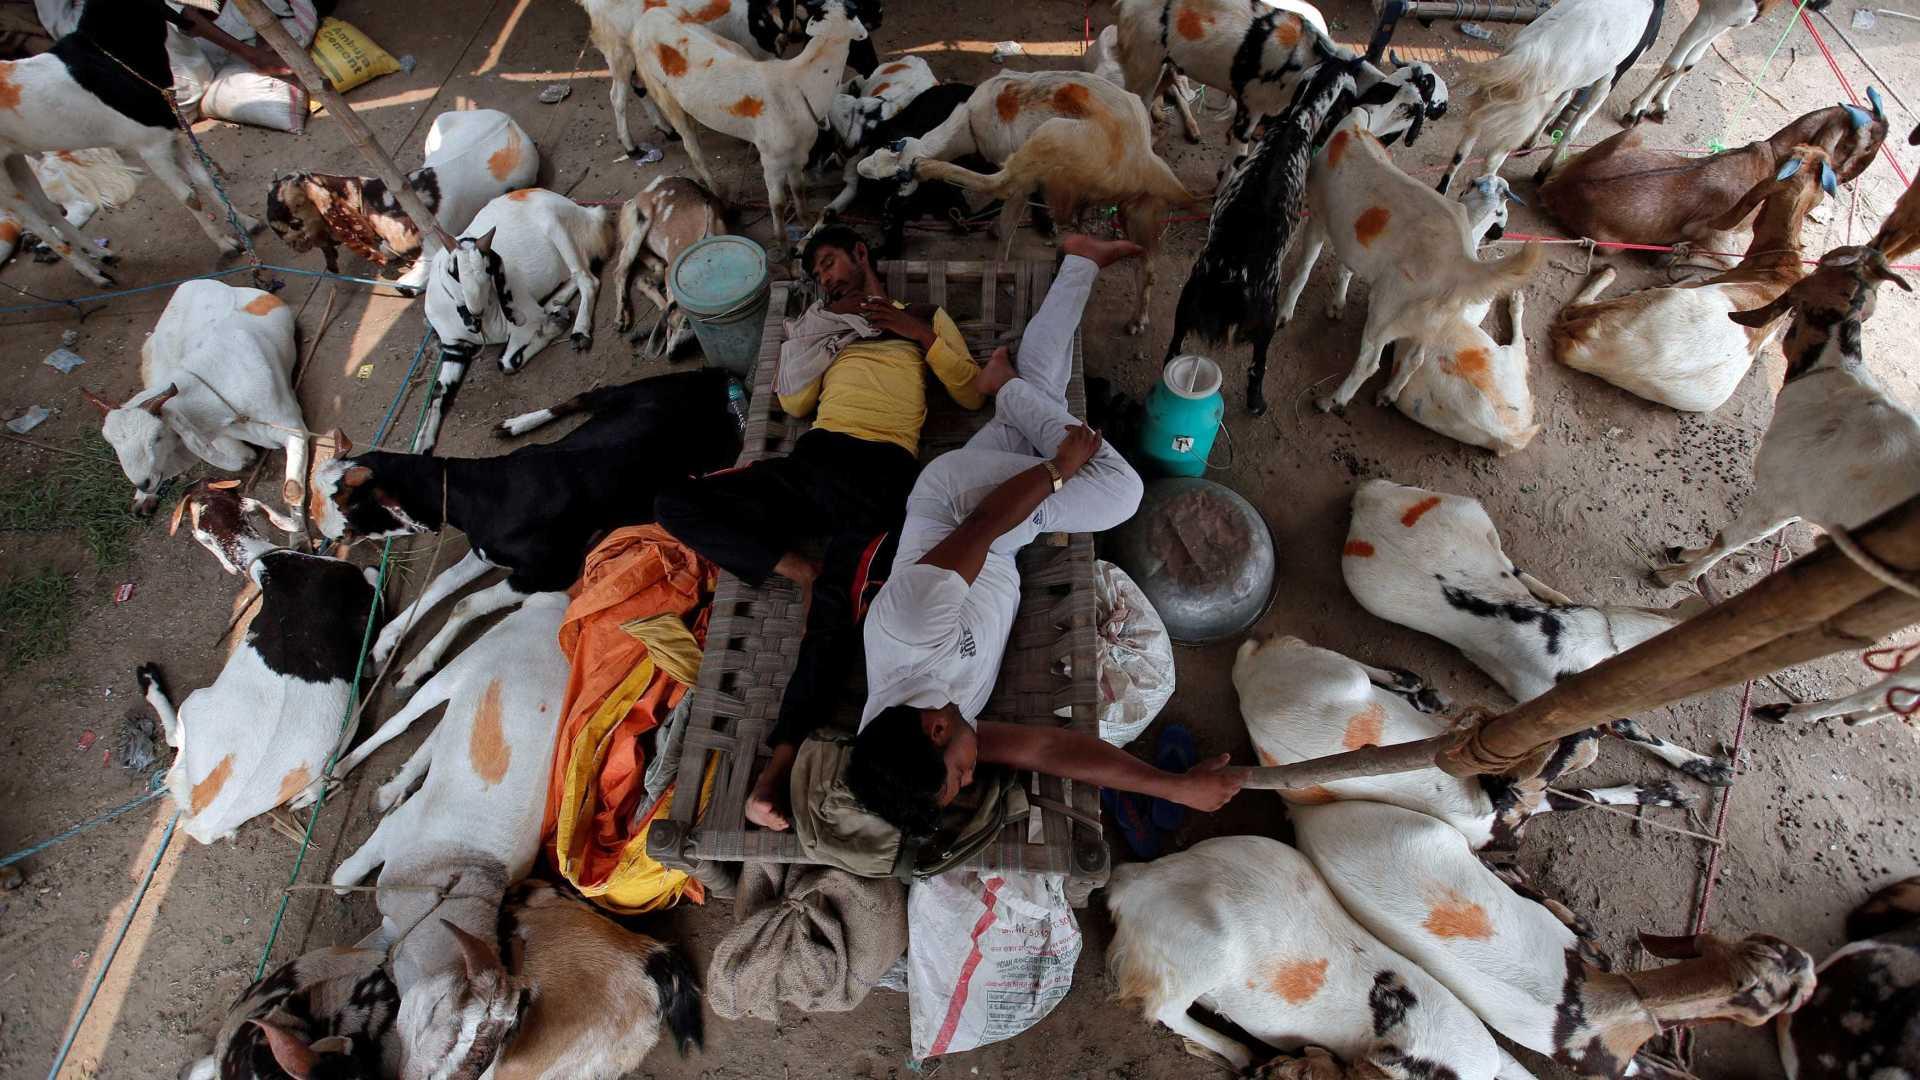 - naom 59a023795f46a - Doze mortos em tumultos no norte da Índia após condenação de guru